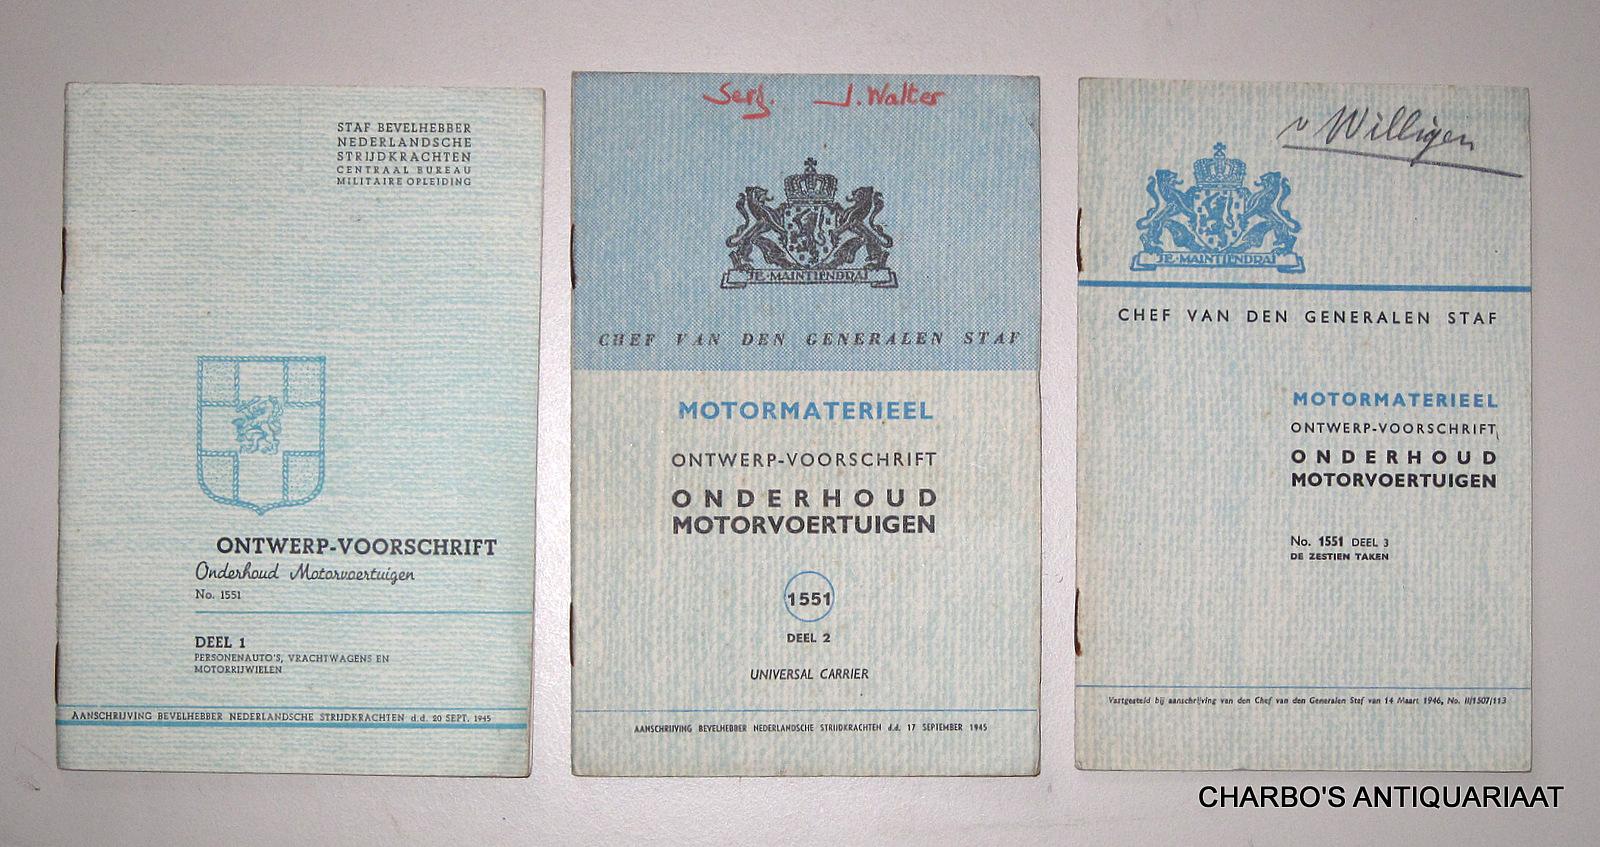 CHEF VAN DEN GENERALEN STAF, -  Ontwerp-voorschrift onderhoud motorvoertuigen No. 1551. Deel 1, 2 en 3.